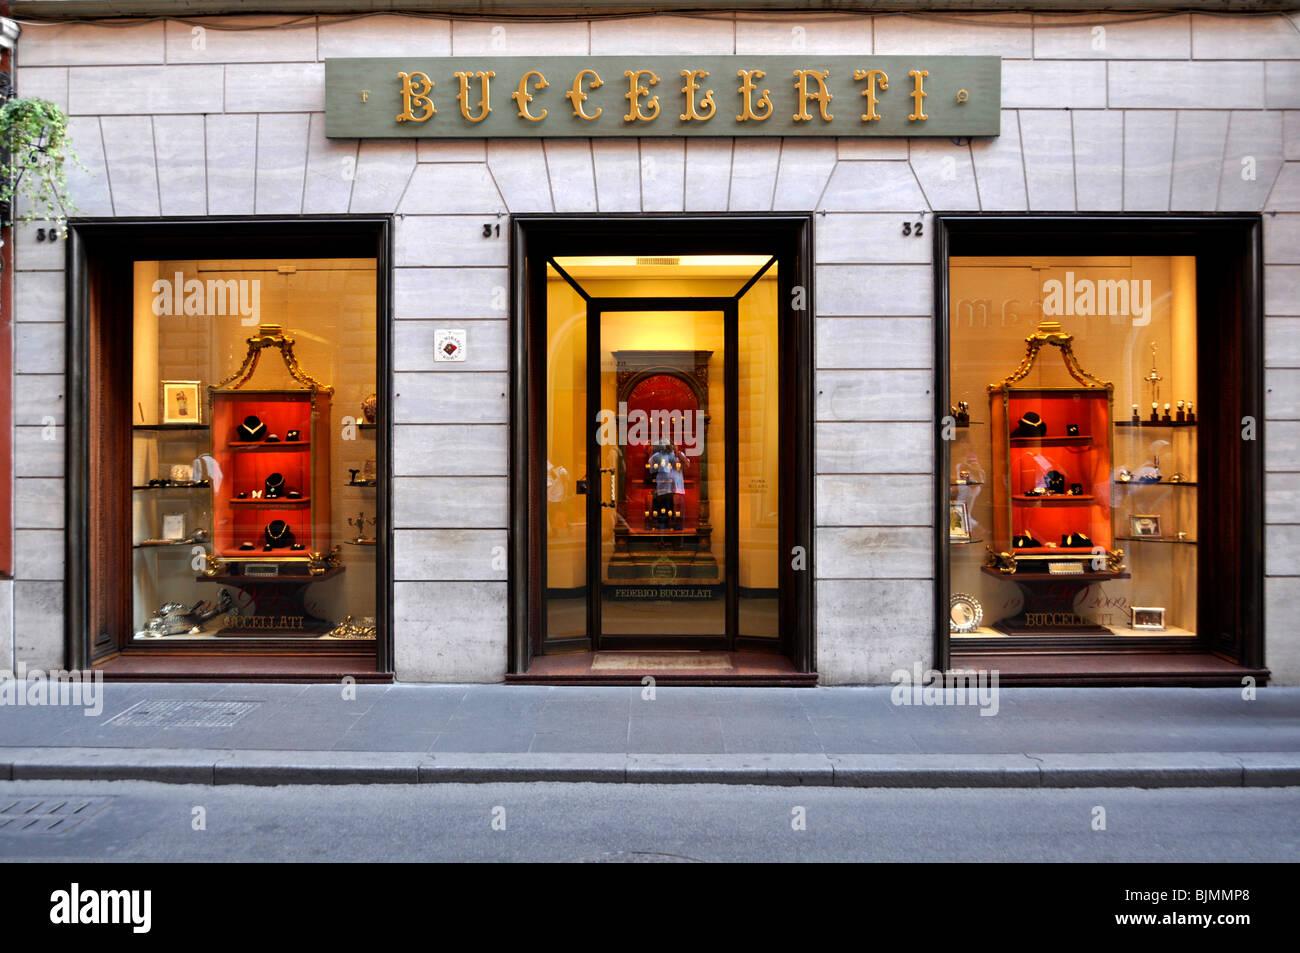 Buccellati jewelry store, Via dei Condotti, Rome, Lazio, Italy, Europe - Stock Image